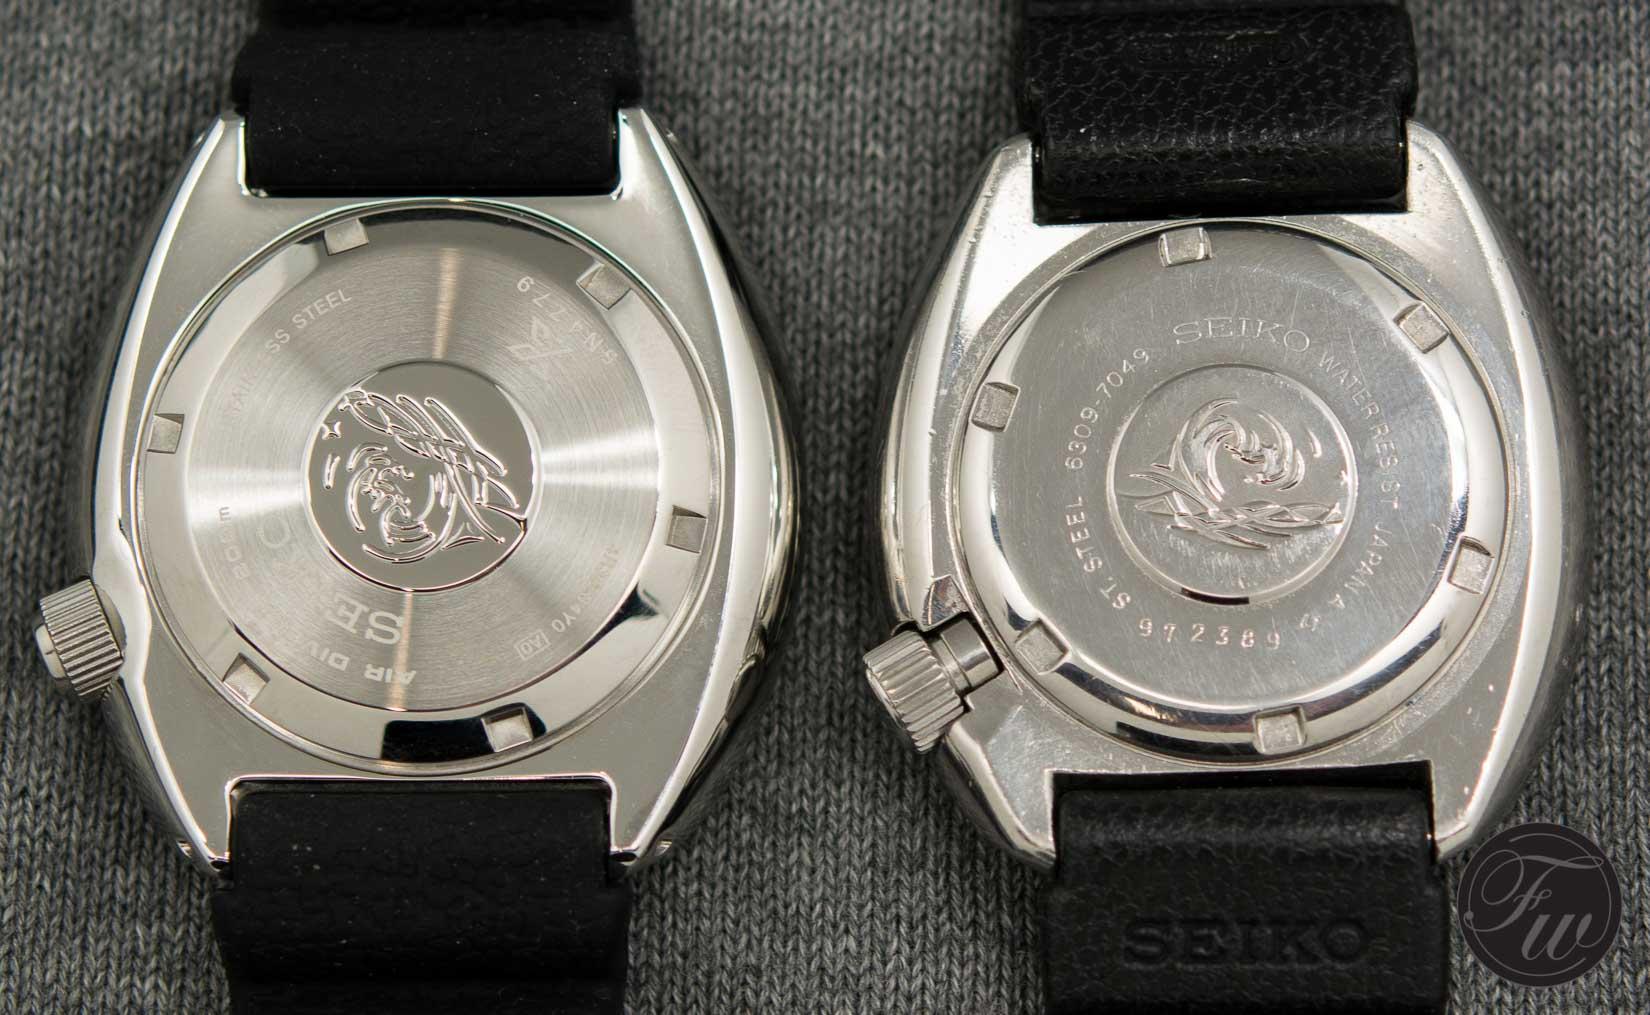 Seiko SRP777 vs Seiko 6309